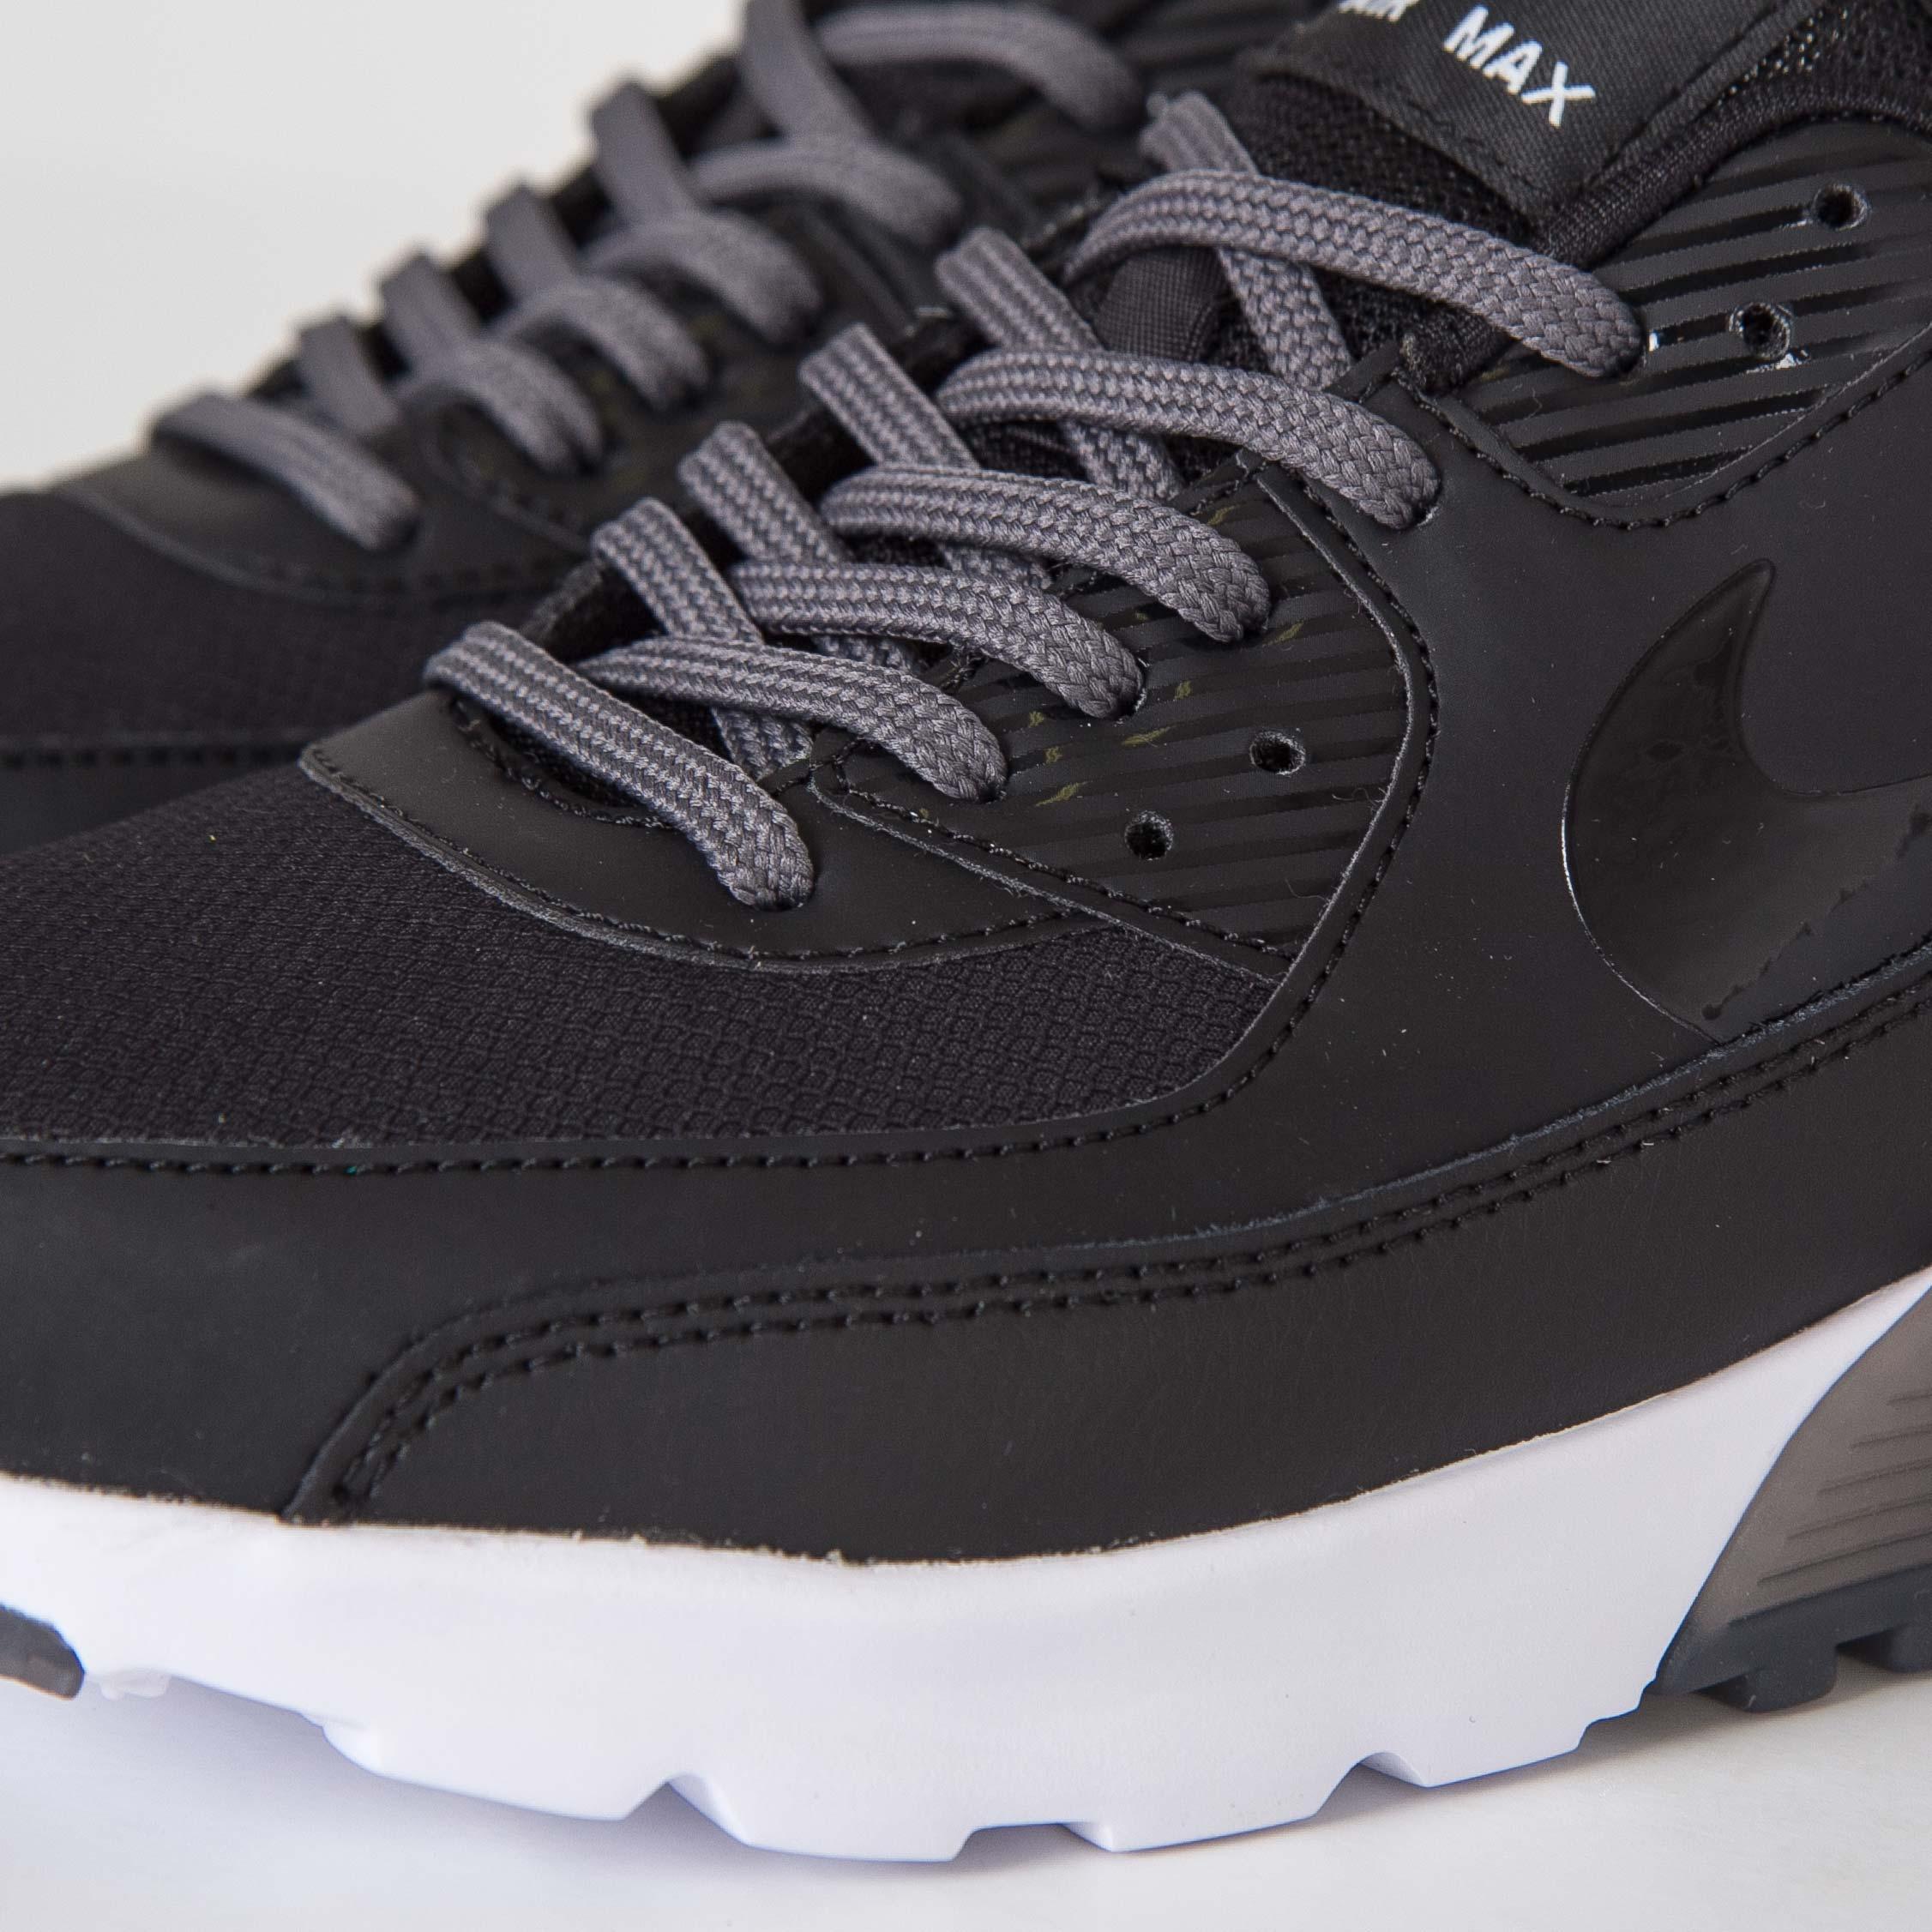 best service 5ea8c efd26 Nike Air Max 90 Ultra Essential - 6. Close